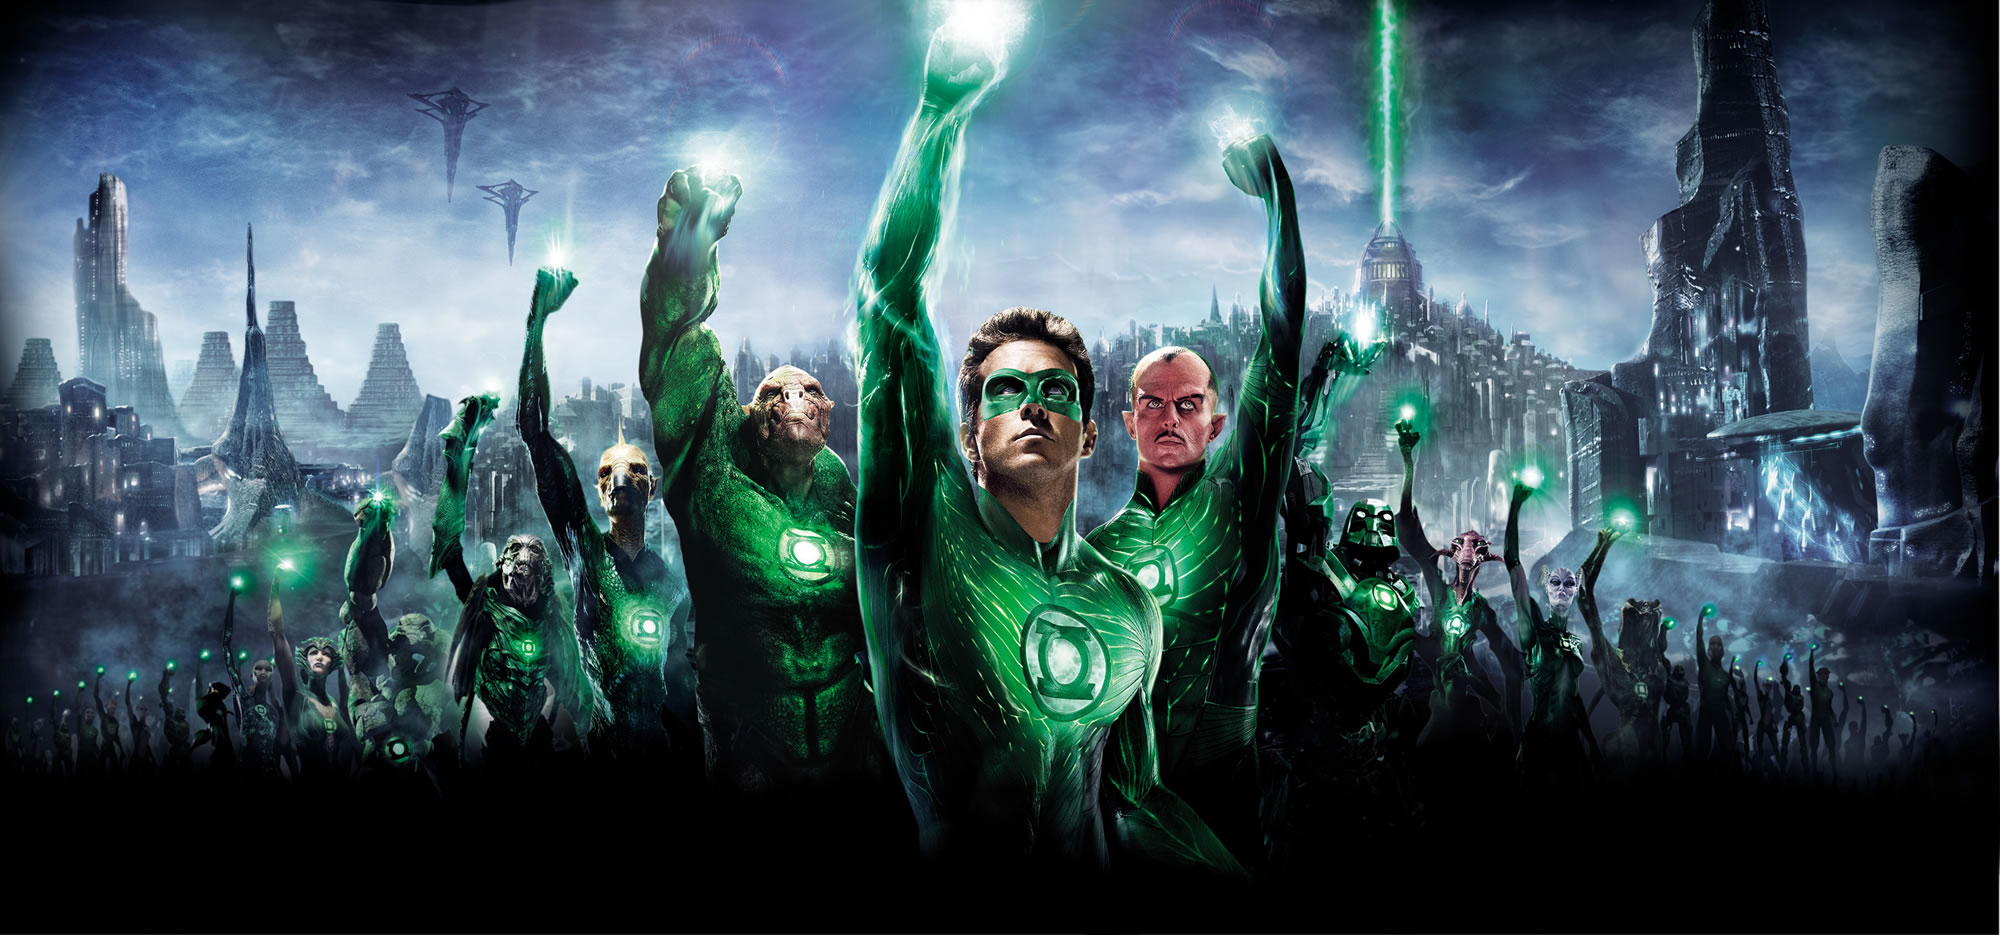 green-lantern-banner-09mai2011